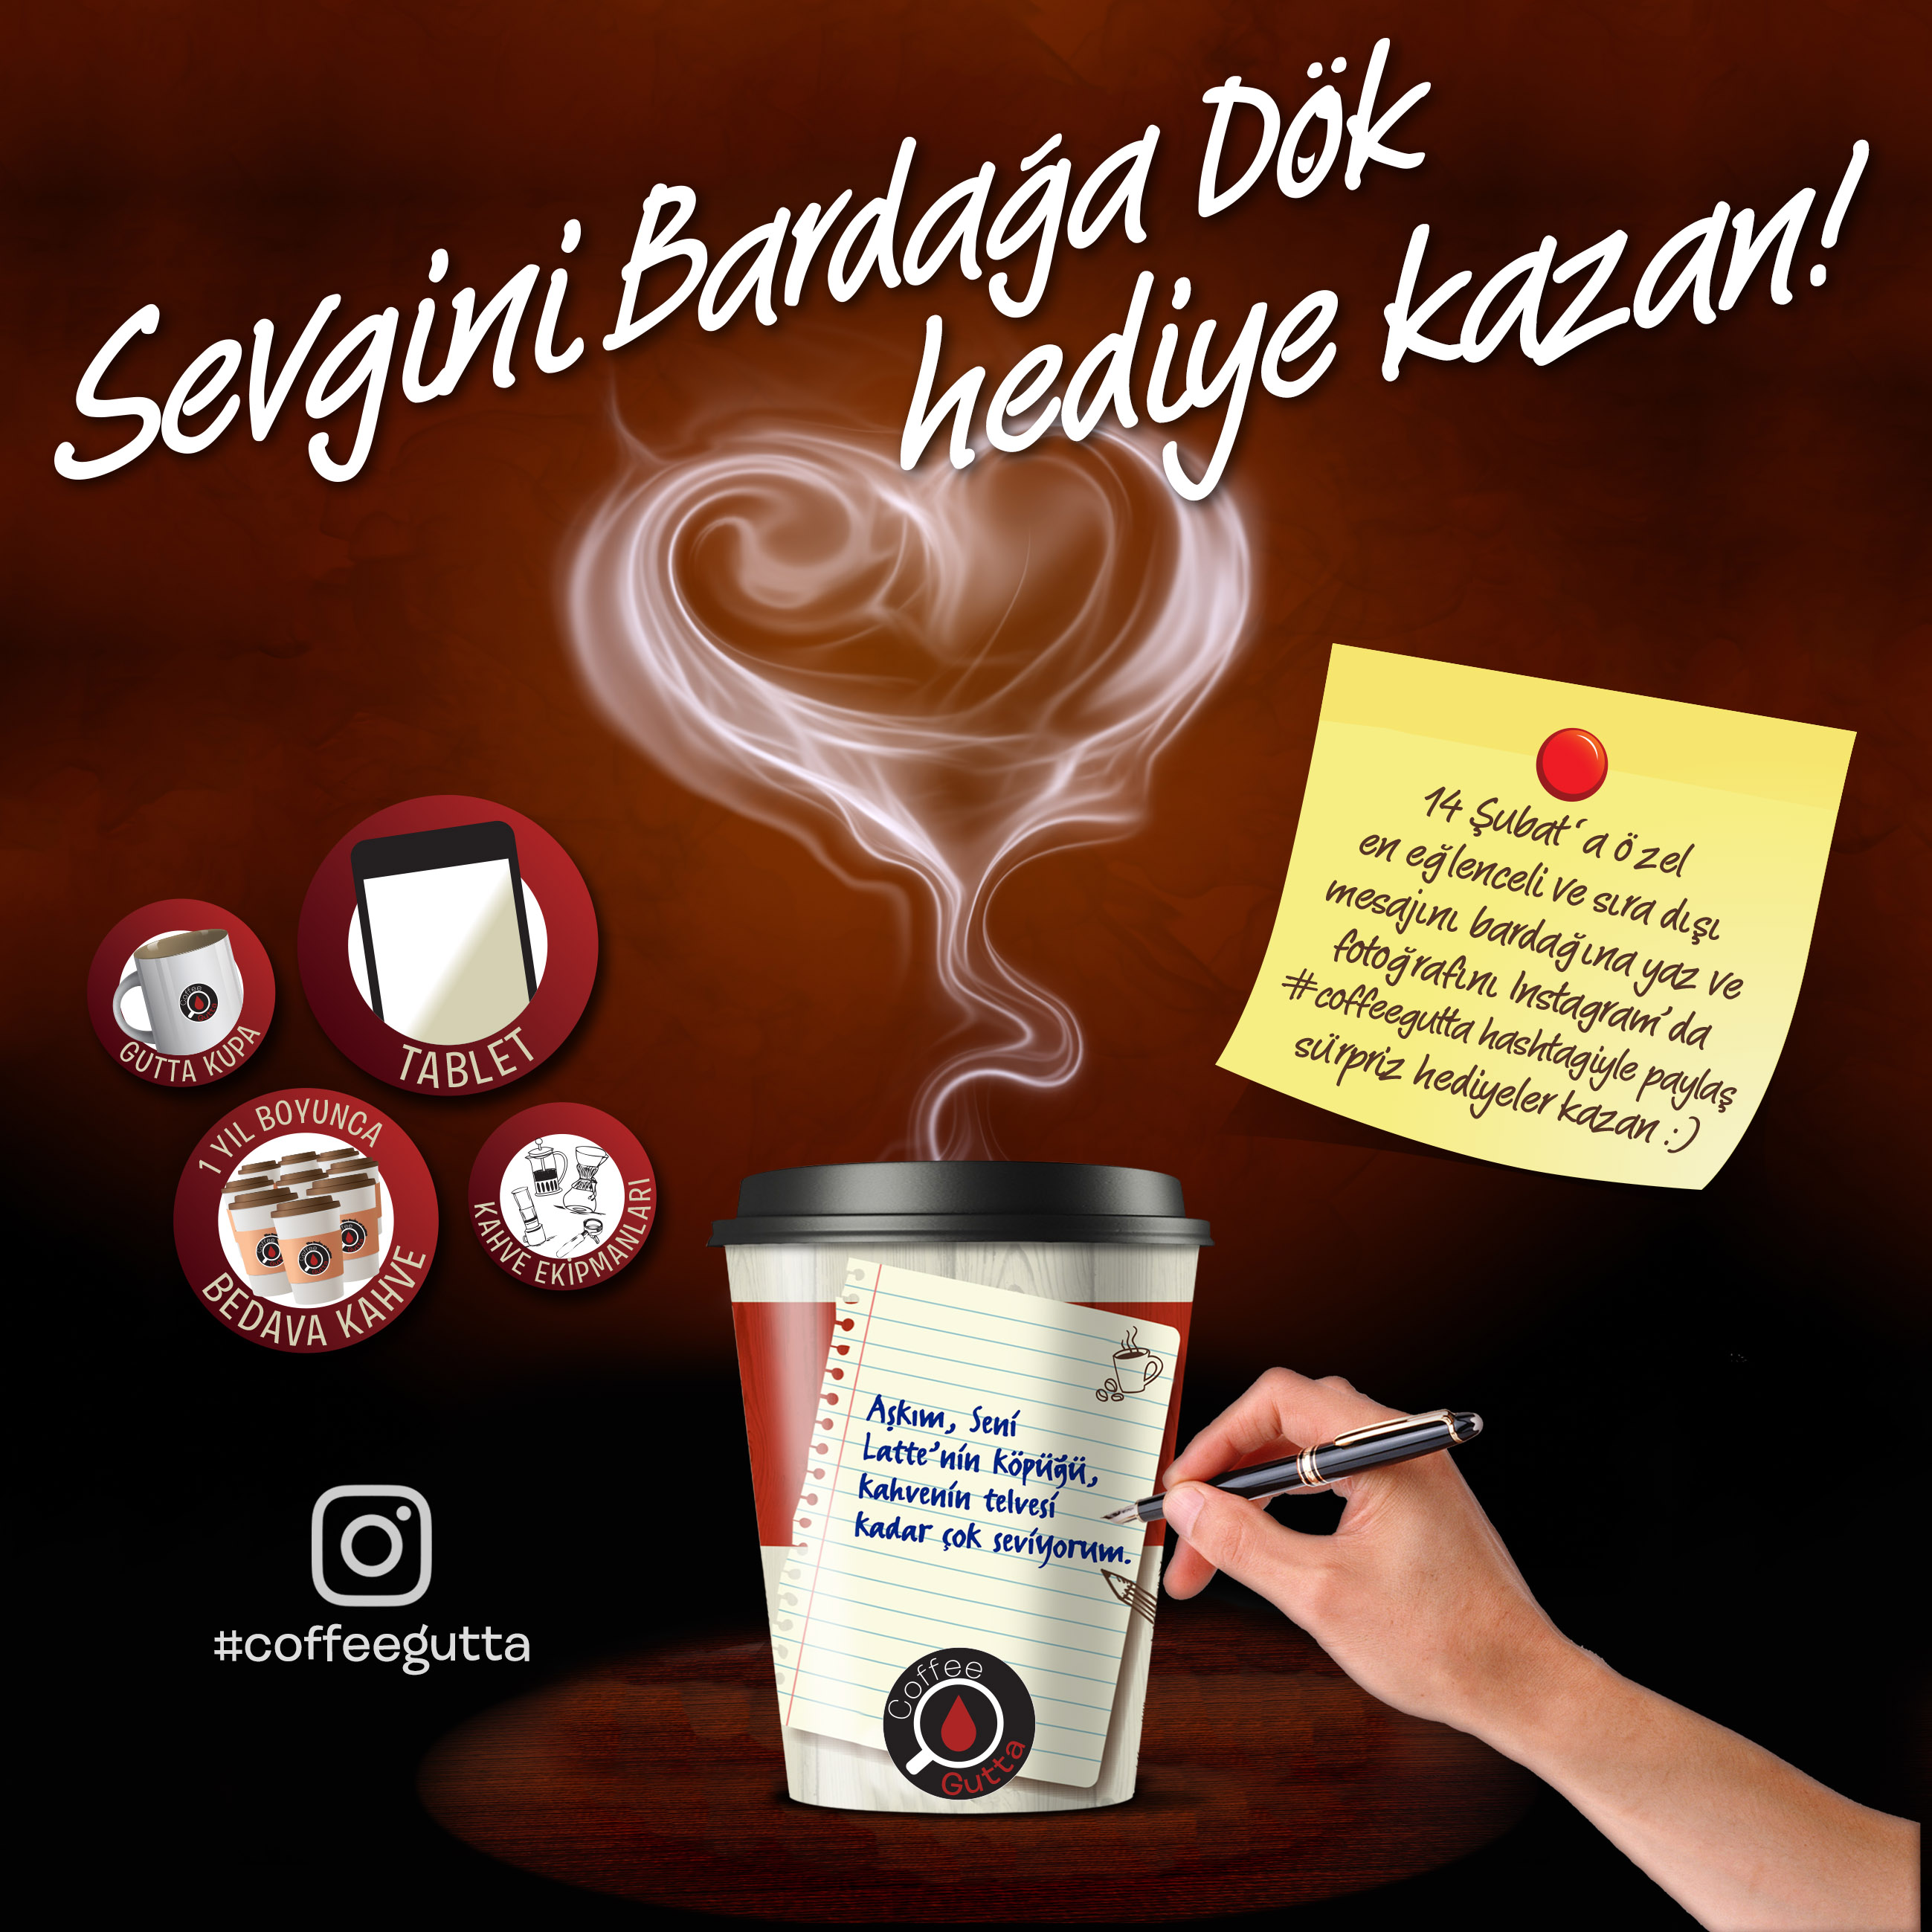 14 Şubat Geliyor, Kampanyalar Başlıyor: Sevgini Bardağa Dök